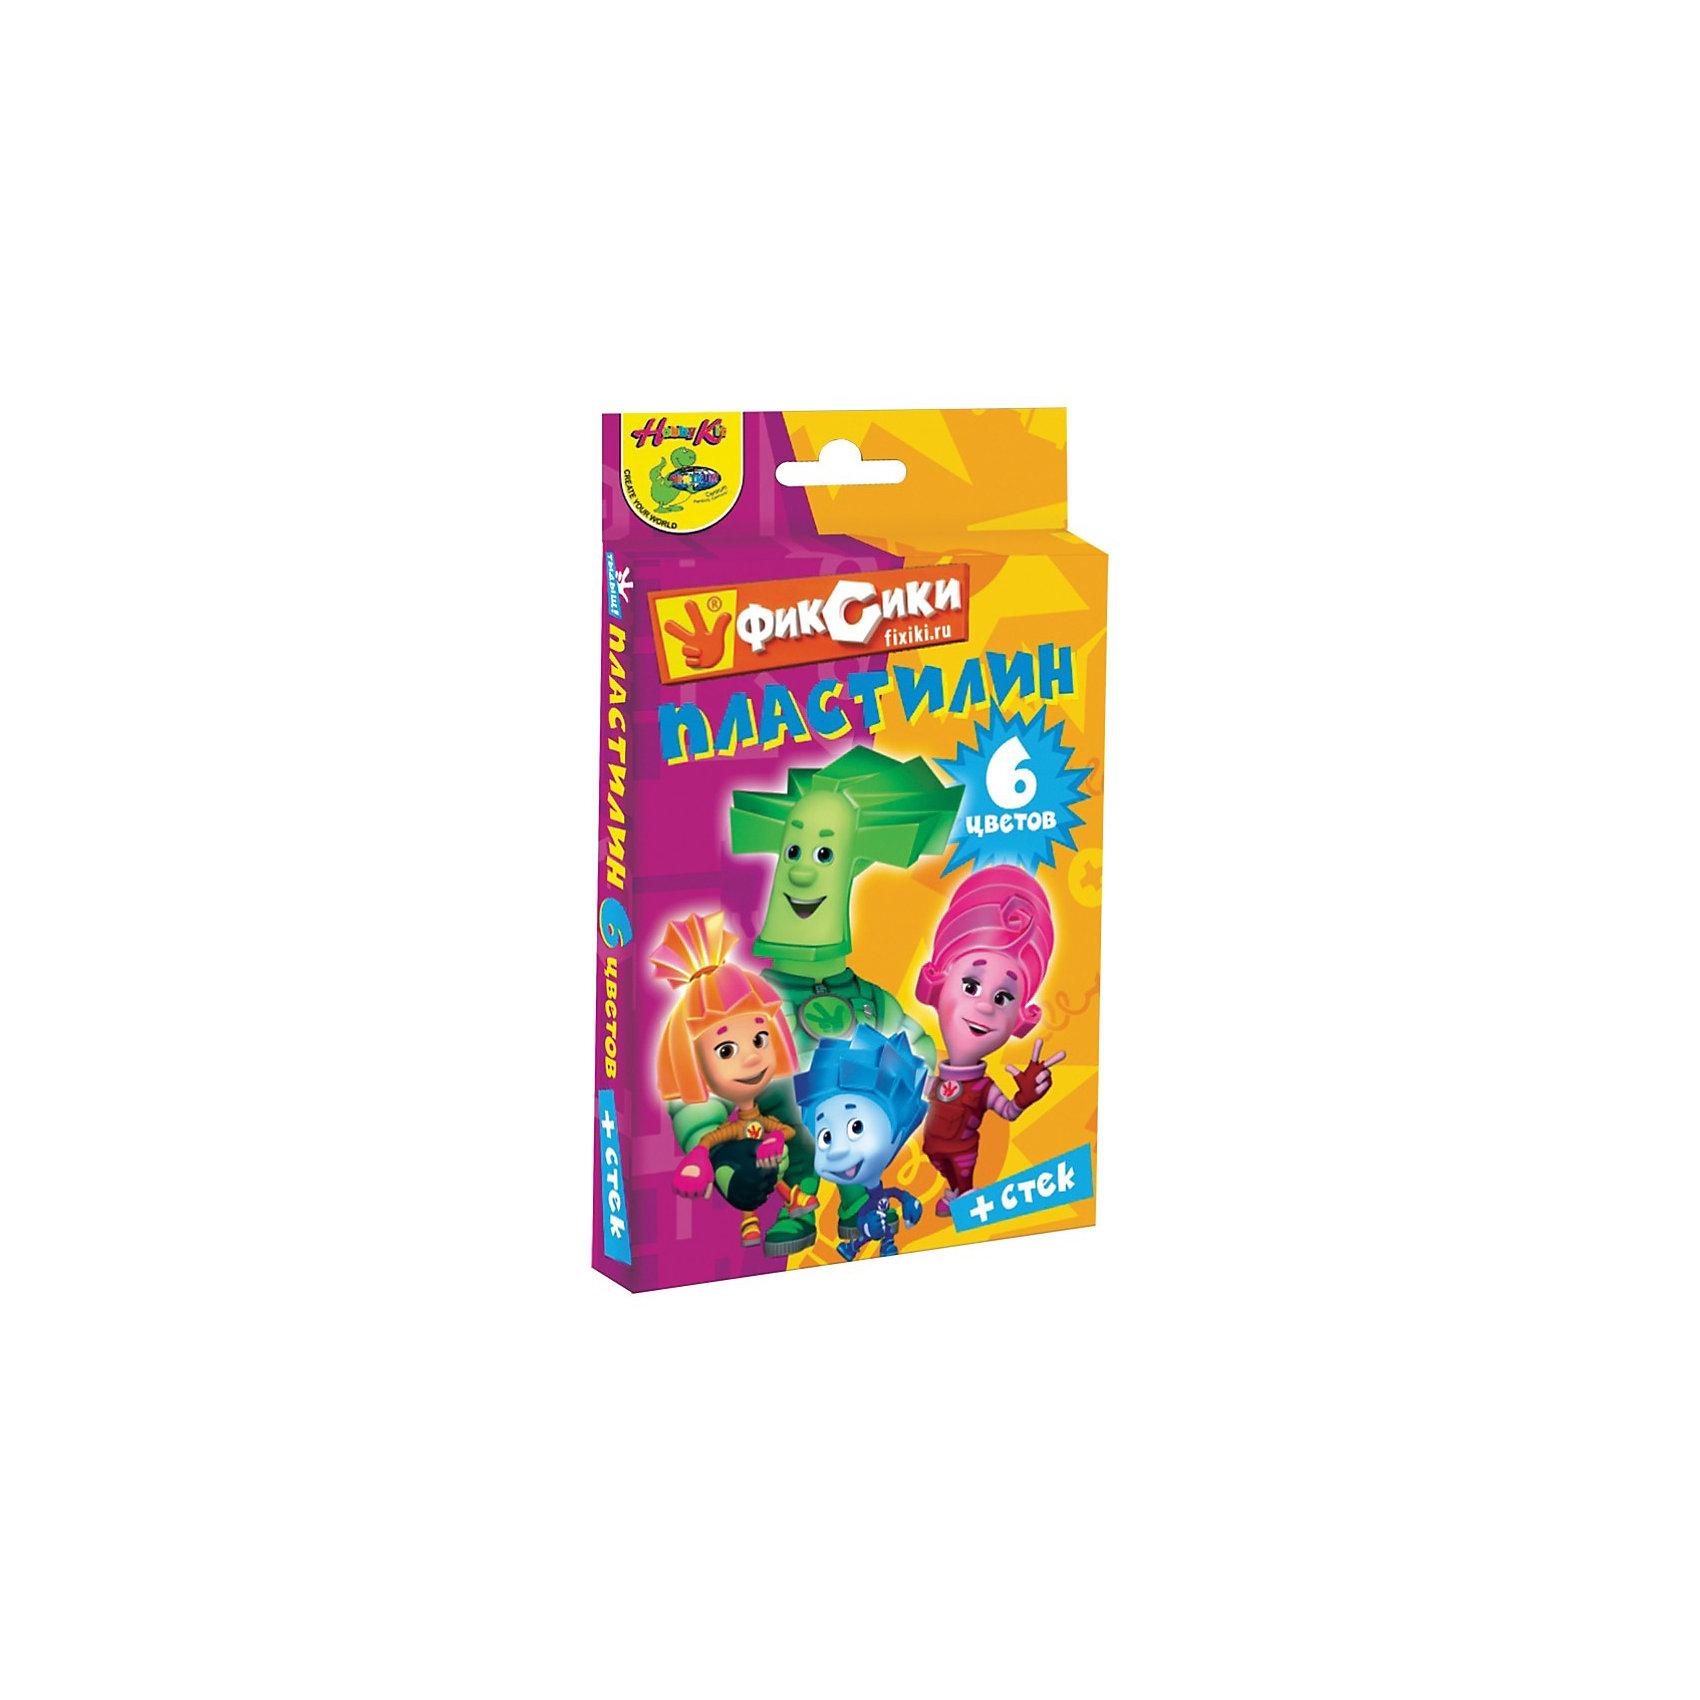 Пластилин 6 цветов  ФиксикиПластилин Фиксики способстует развитию мелкой моторики Вашего малыша. Научит его пространственному мышлению.<br><br>Дополнительная информация:<br><br>Количество цветов: 6.<br>Масса: 120 г.<br>В наборе: пластилин и стек пластиковый.<br><br>Подарит Вашему малышу яркое детство!<br><br>Ширина мм: 80<br>Глубина мм: 40<br>Высота мм: 120<br>Вес г: 150<br>Возраст от месяцев: 36<br>Возраст до месяцев: 156<br>Пол: Унисекс<br>Возраст: Детский<br>SKU: 3289541